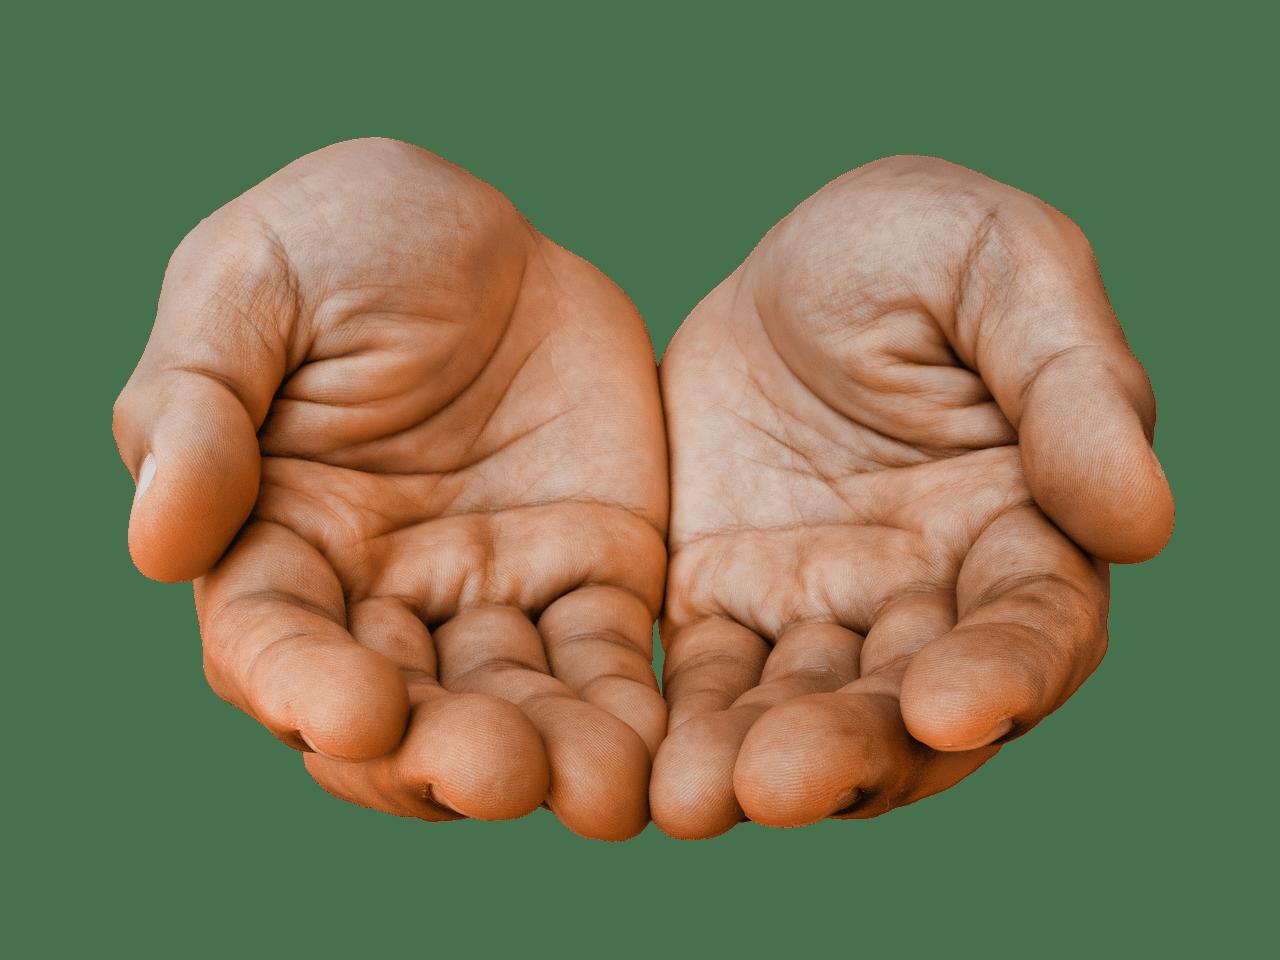 Afbeeldingsresultaat voor empty hands